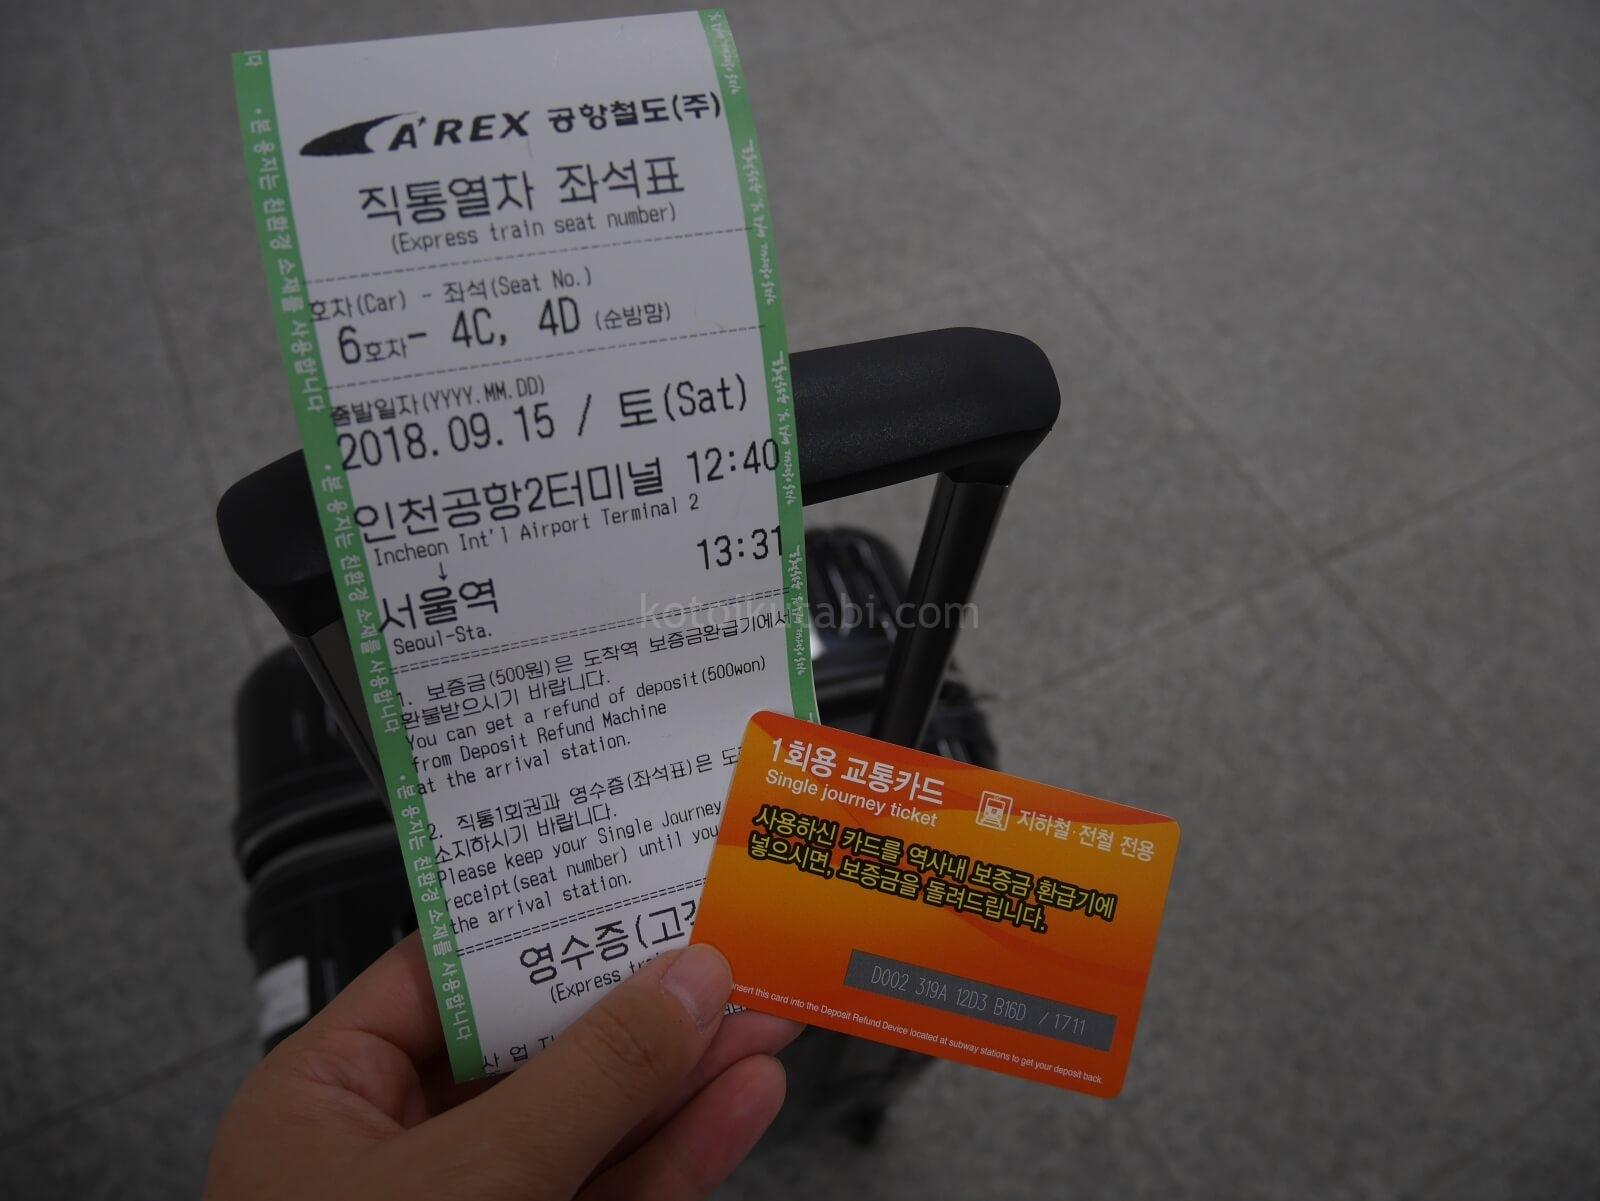 AREXエクスプレスのチケット